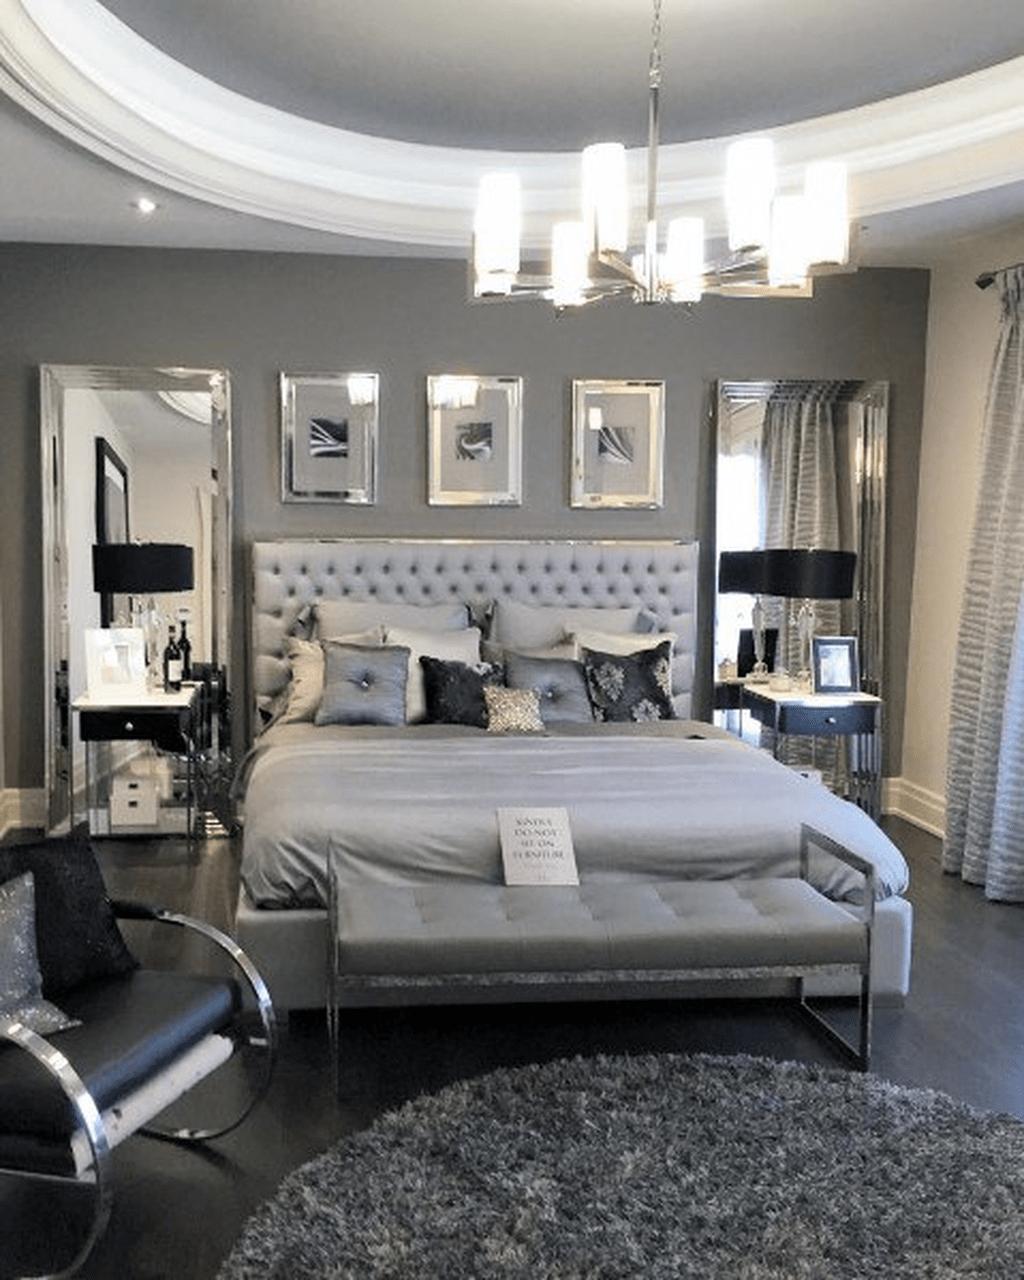 36 The Best Master Bedroom Light Fixture Design Ideas in ...